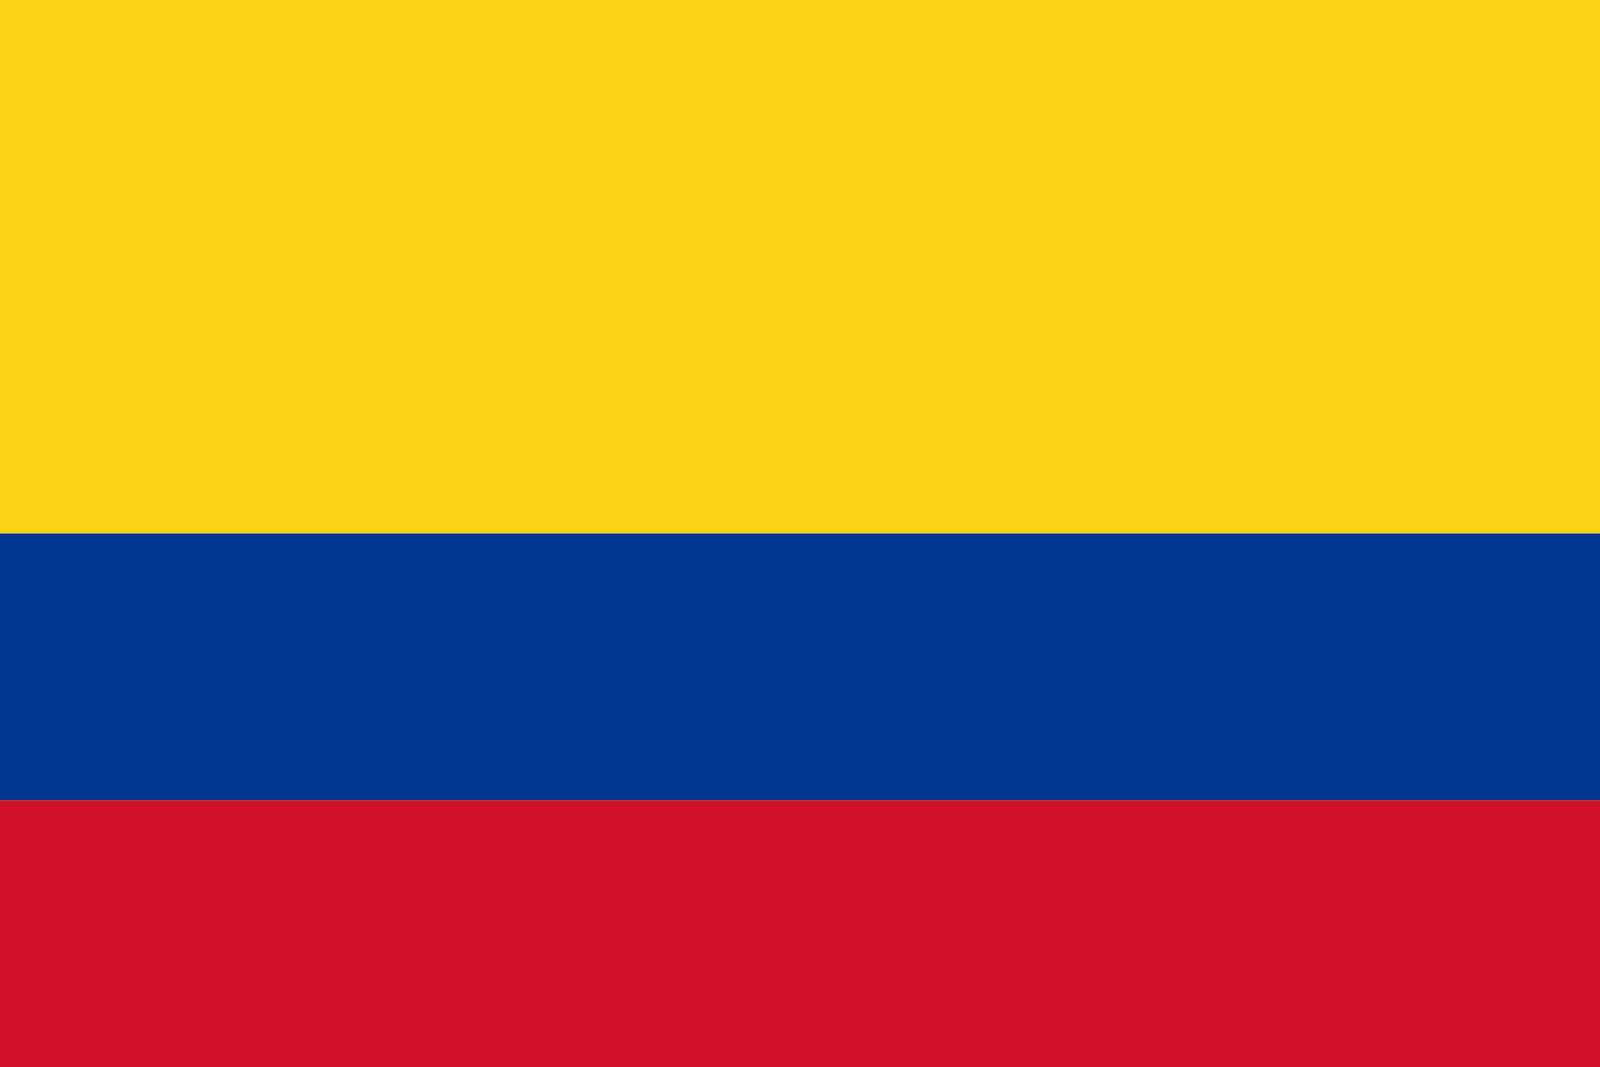 Bandera de Colombia para imprimir y pintar - Dibujos de